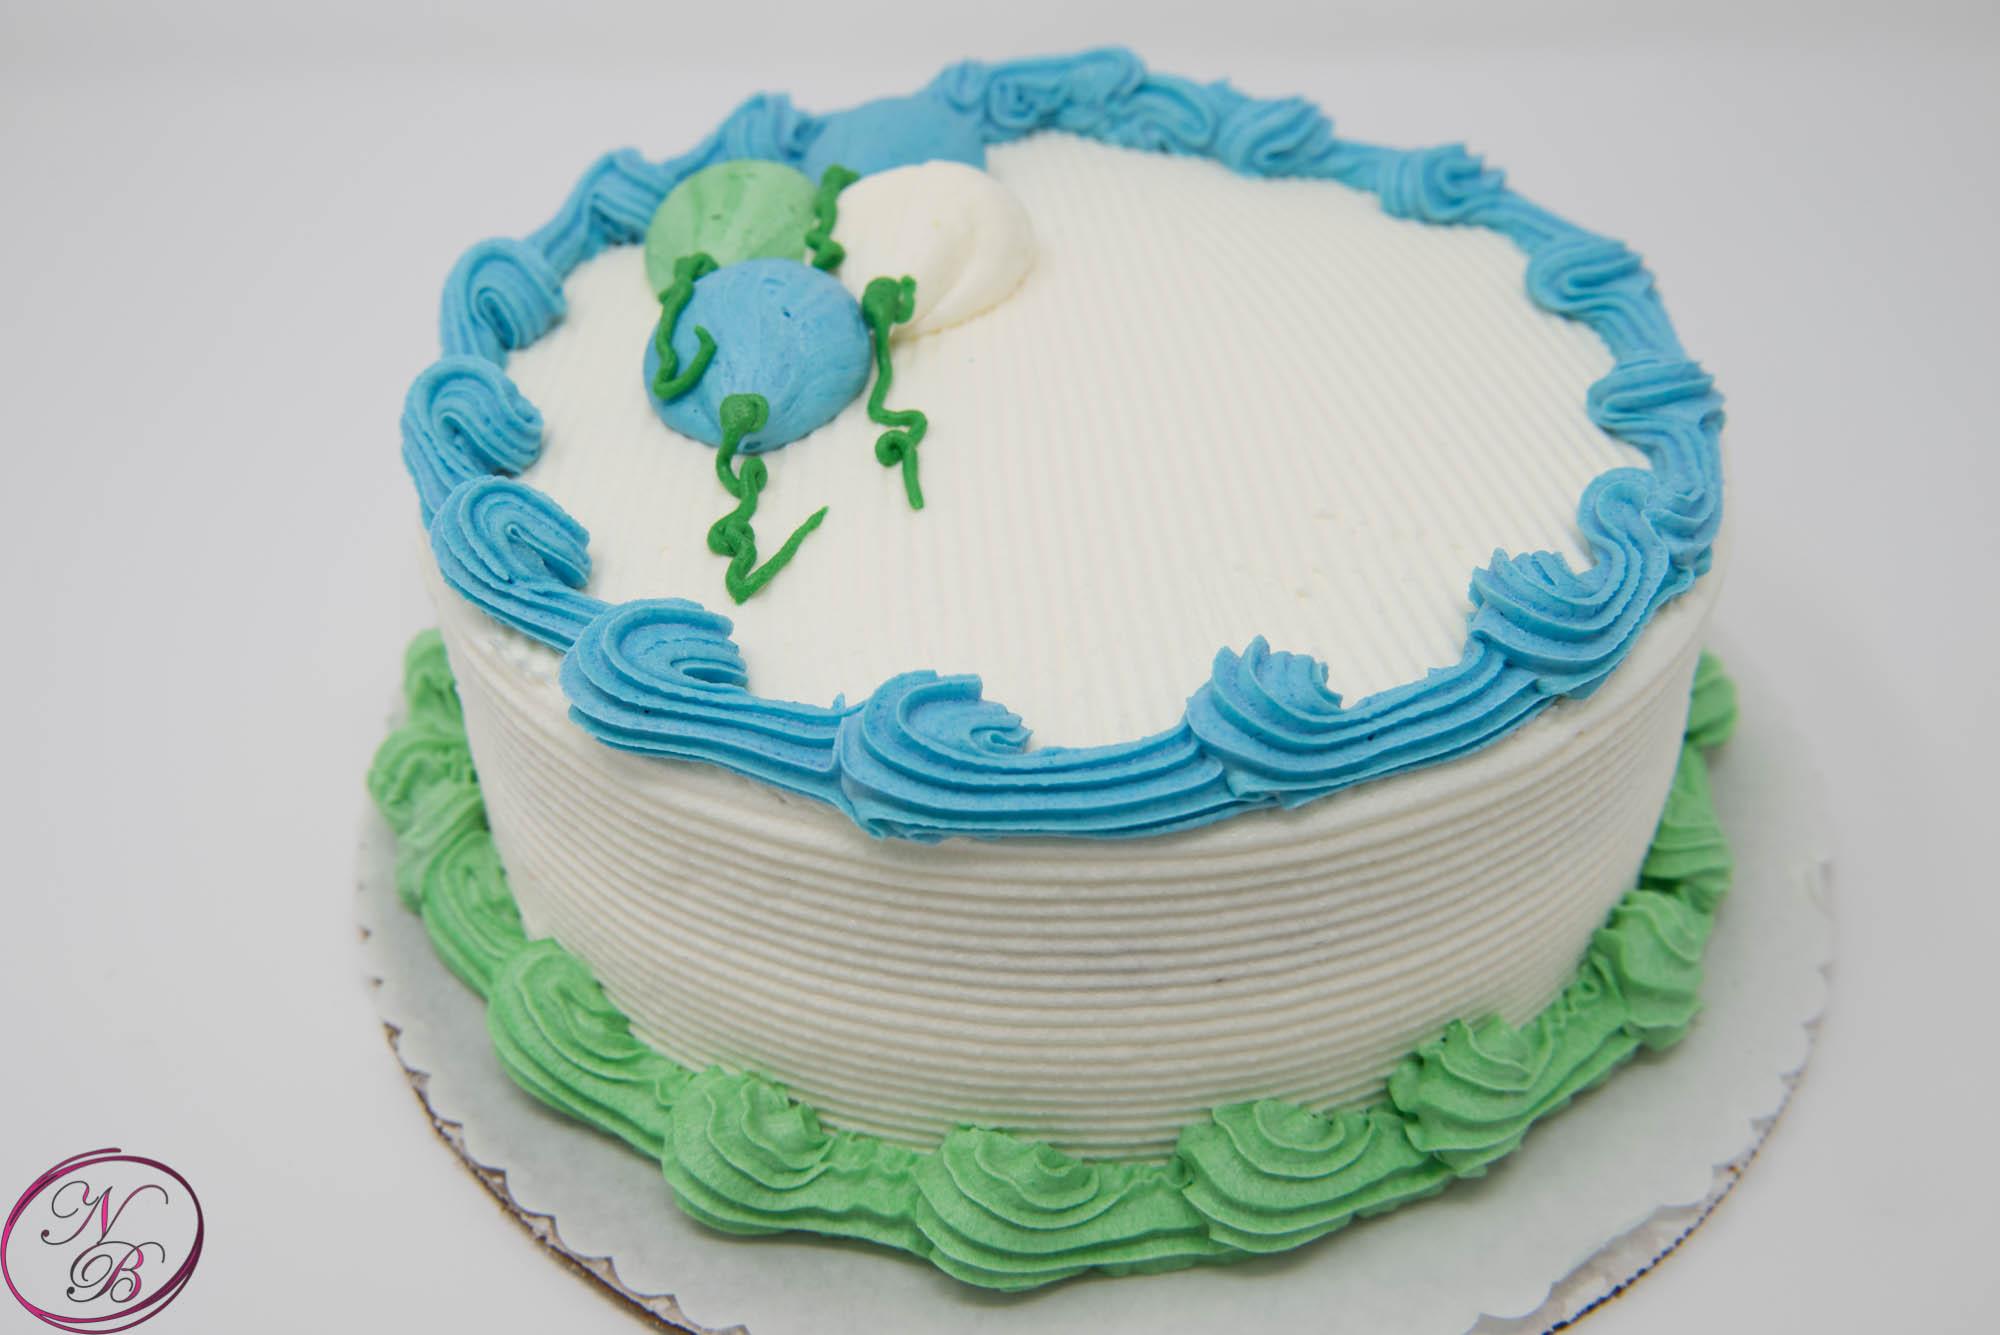 Birthday Cakes – Carrot Or Red Velvet